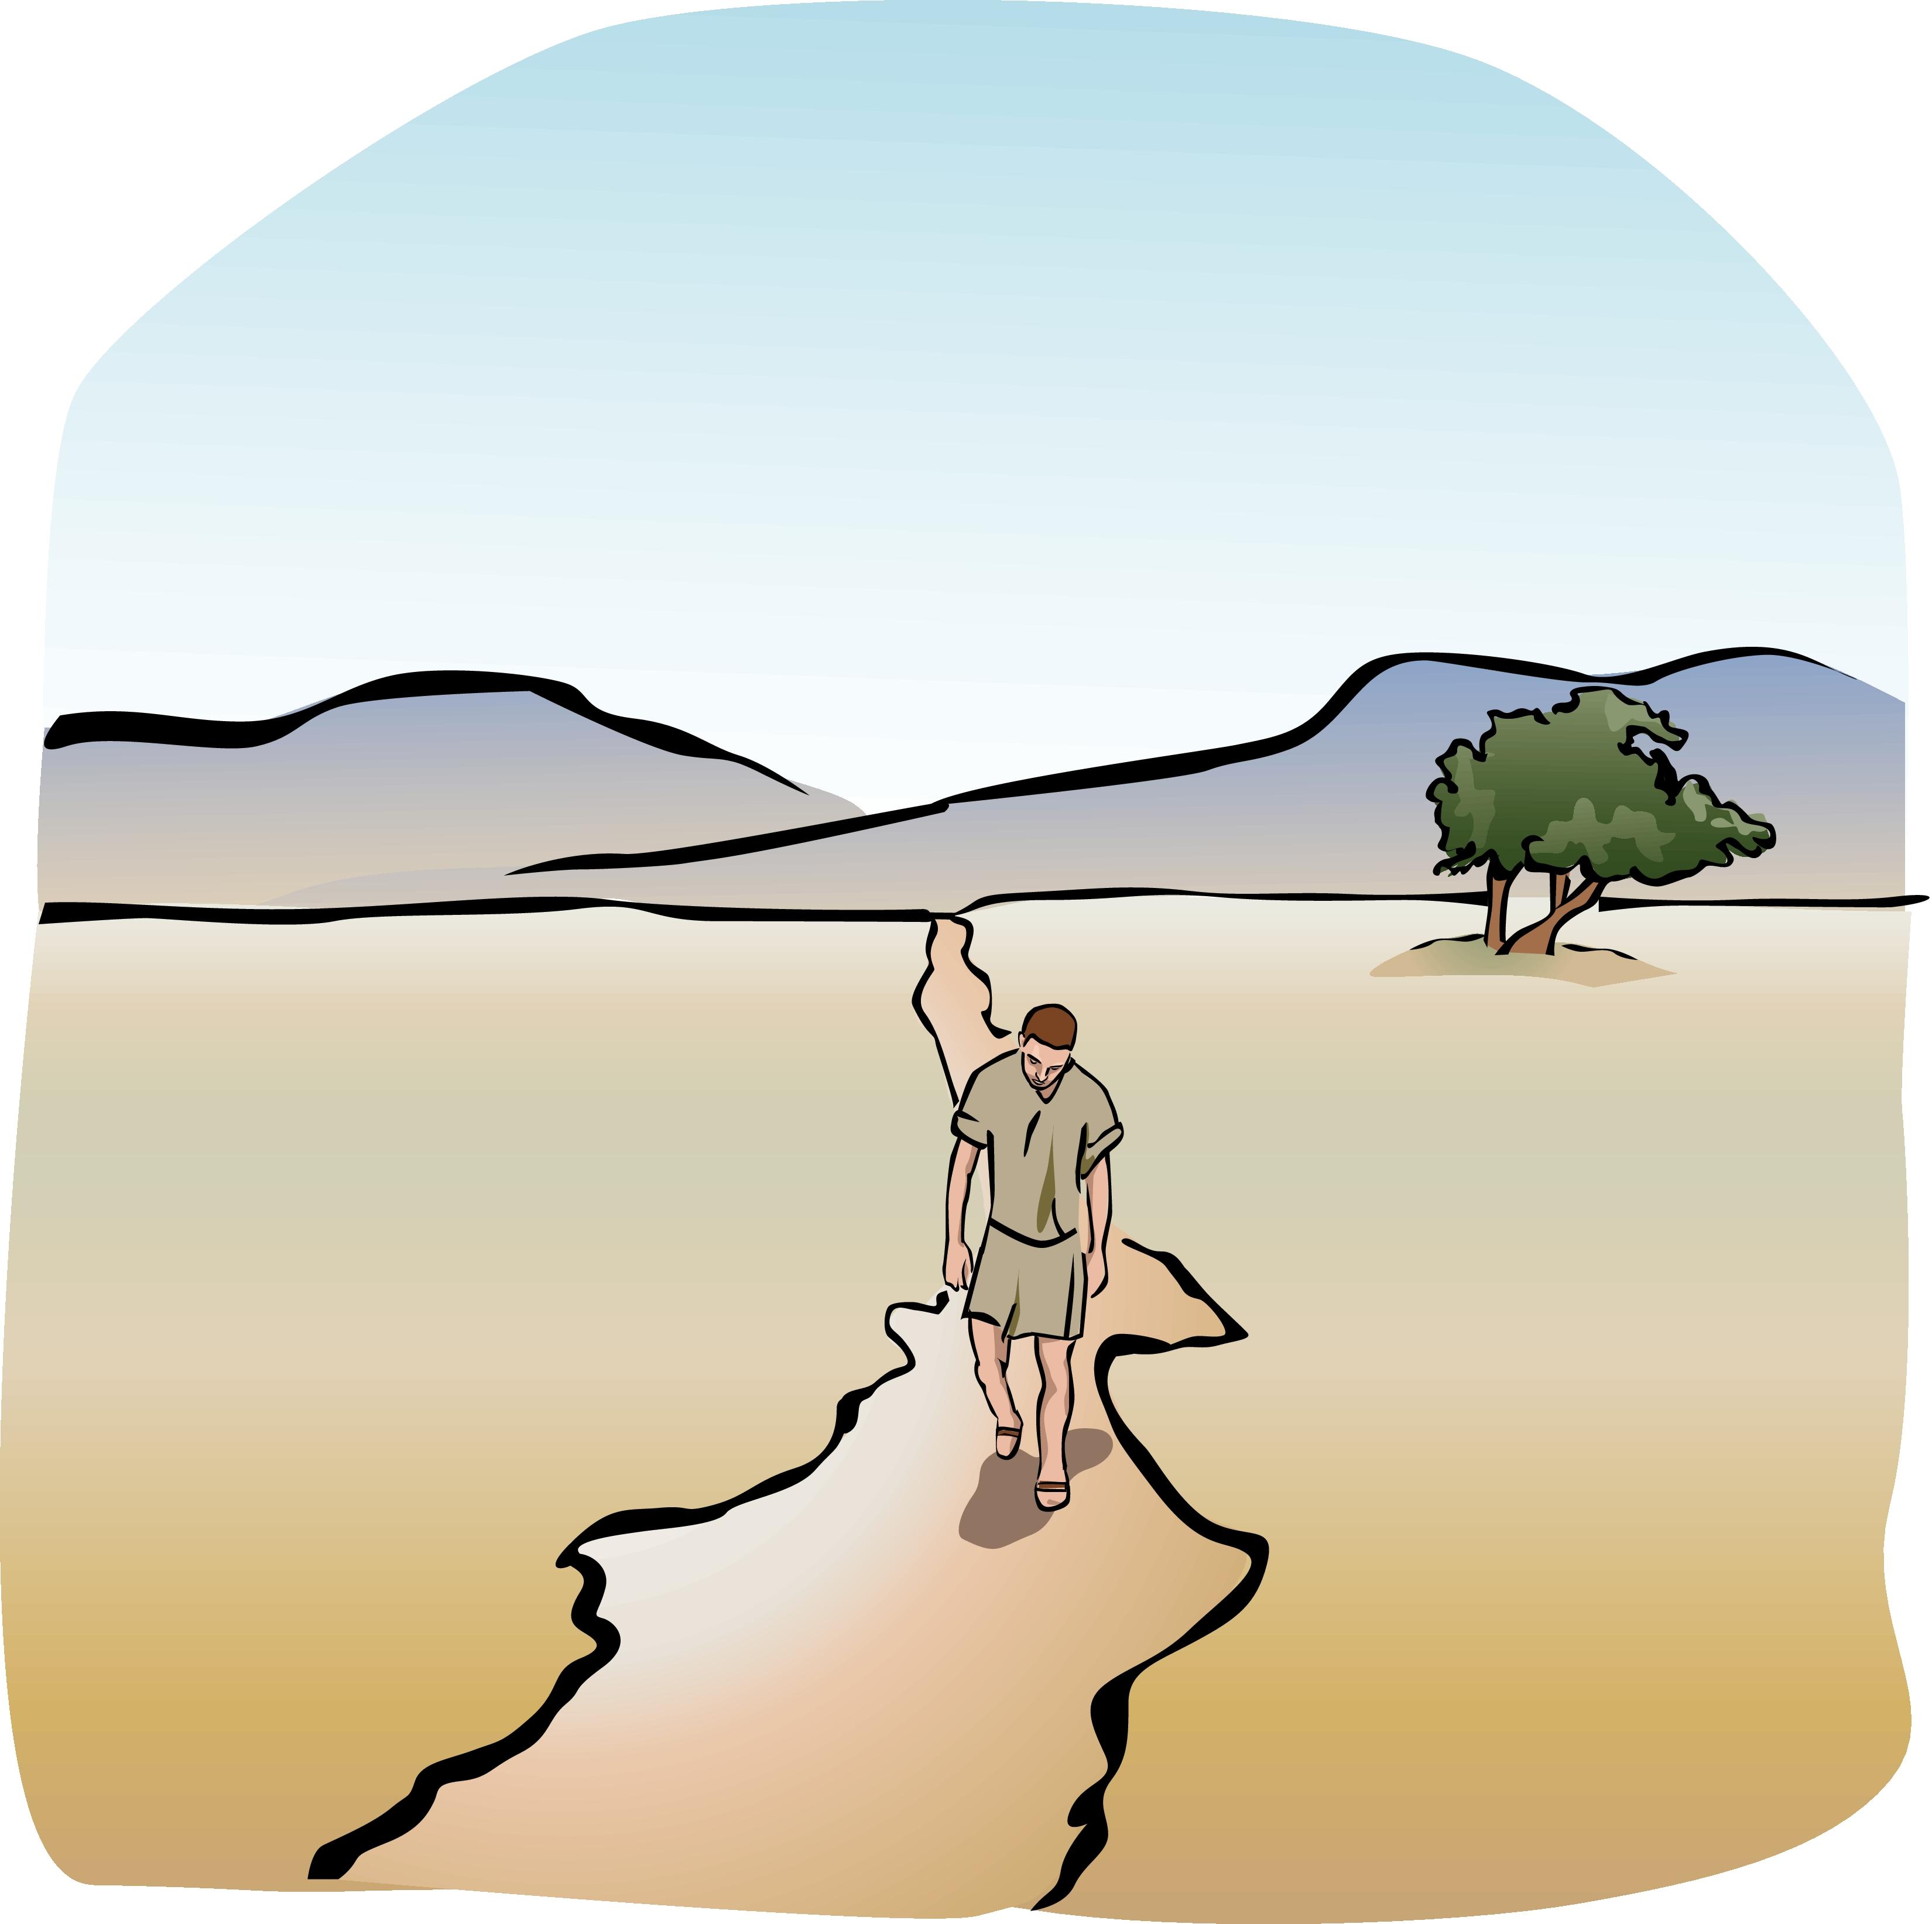 Faith walking with god clipart